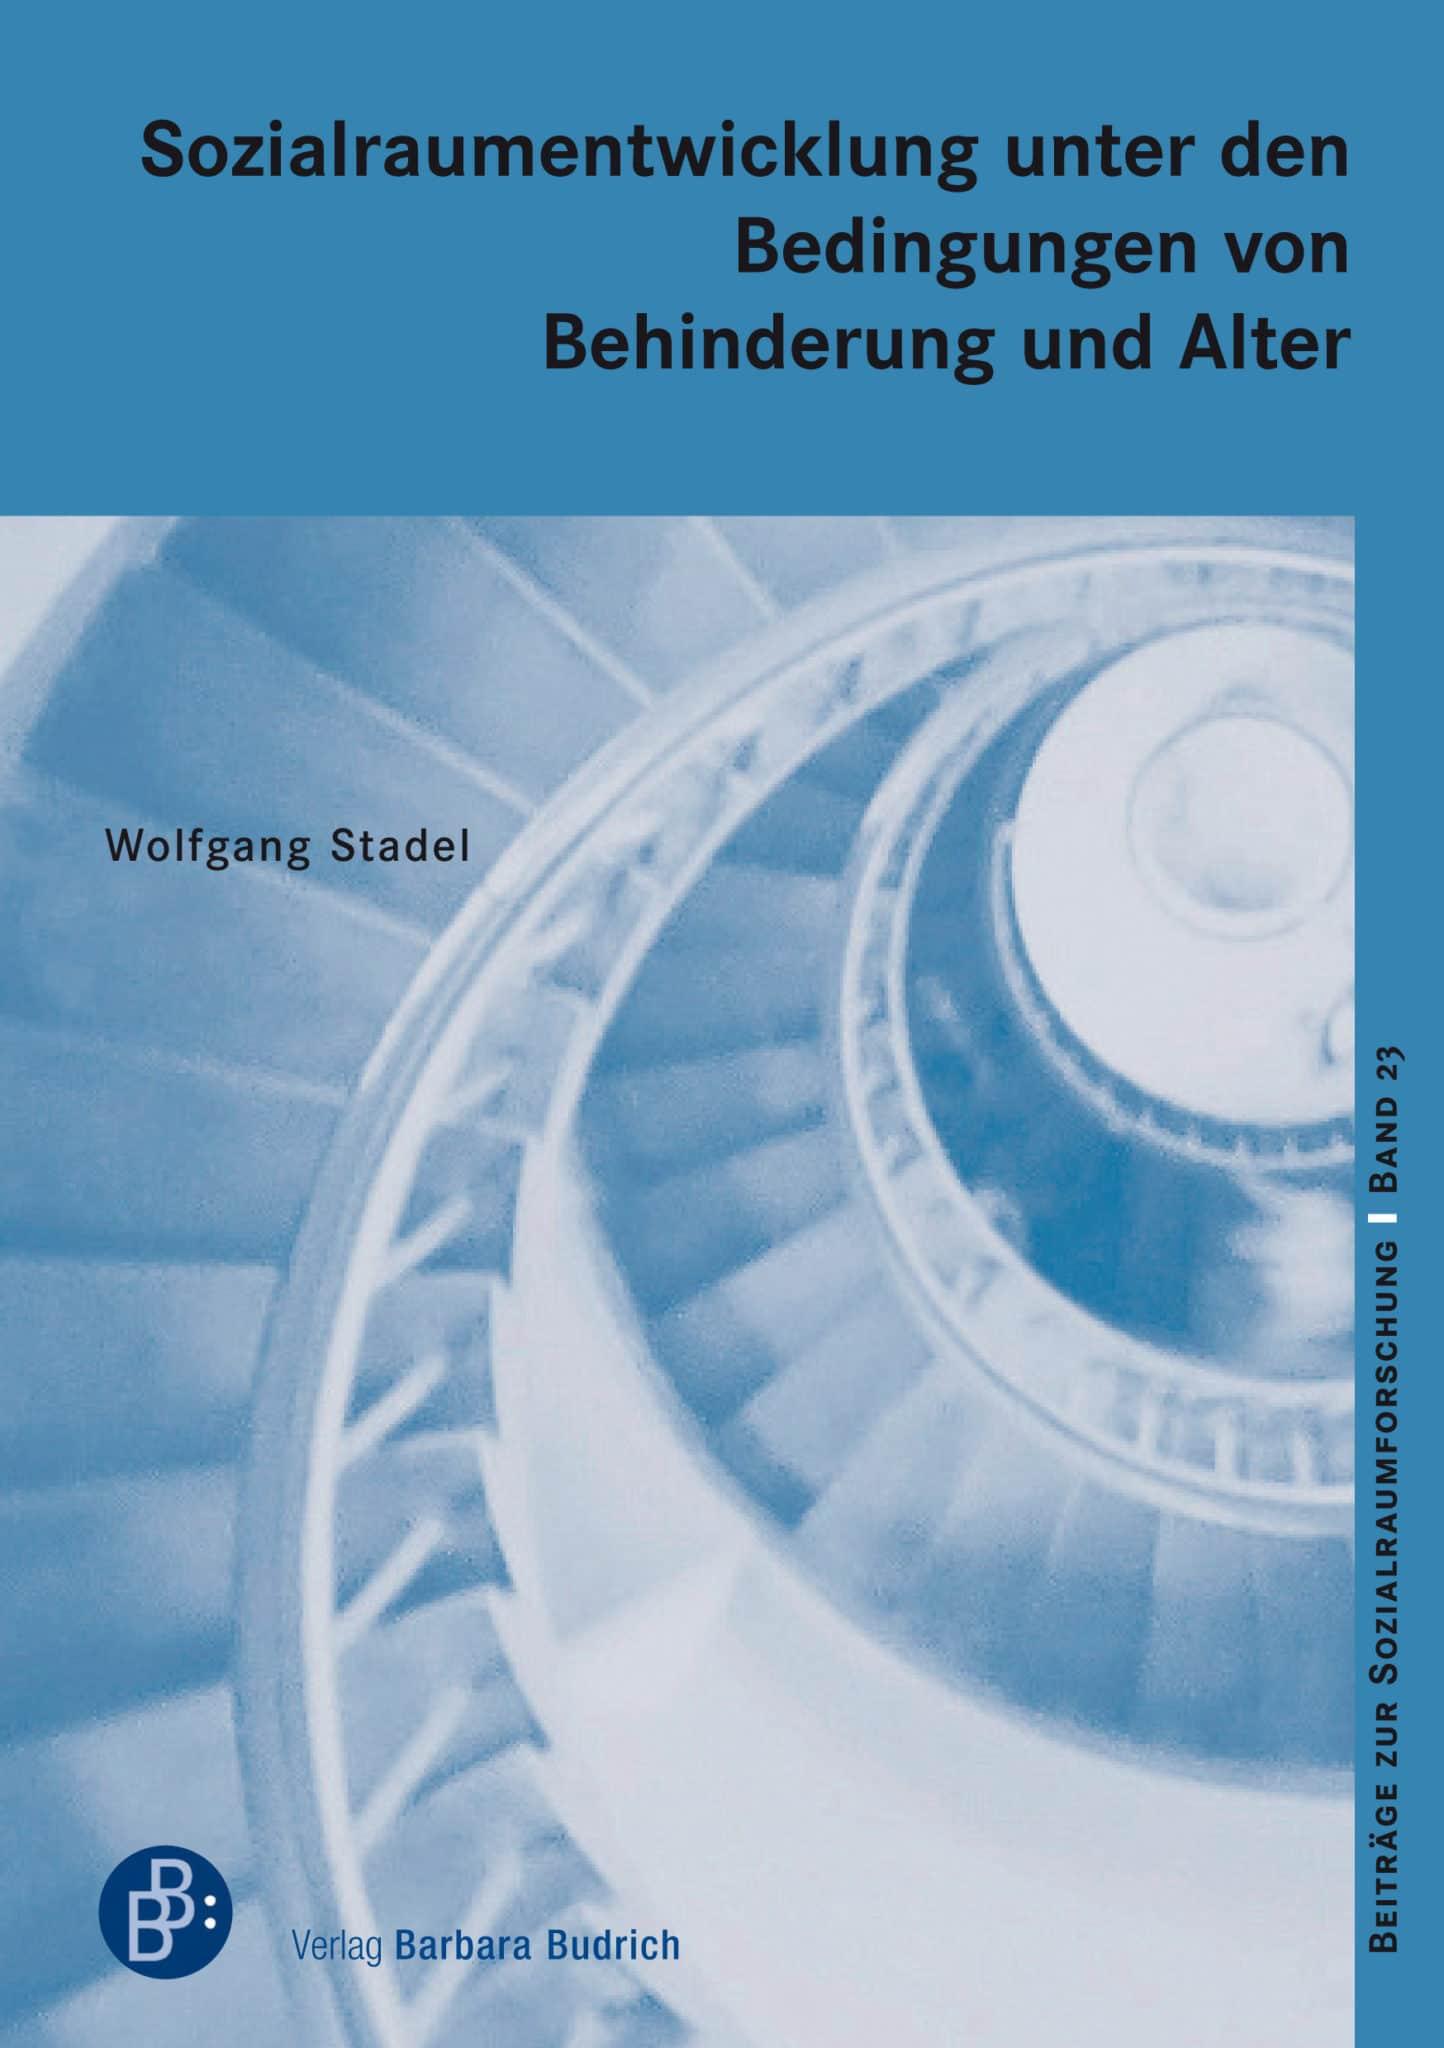 Stadel, Wolfgang: Sozialraumentwicklung unter den Bedingungen von Behinderung und Alter. Verlag Barbara Budrich. ED: 23.11.2020